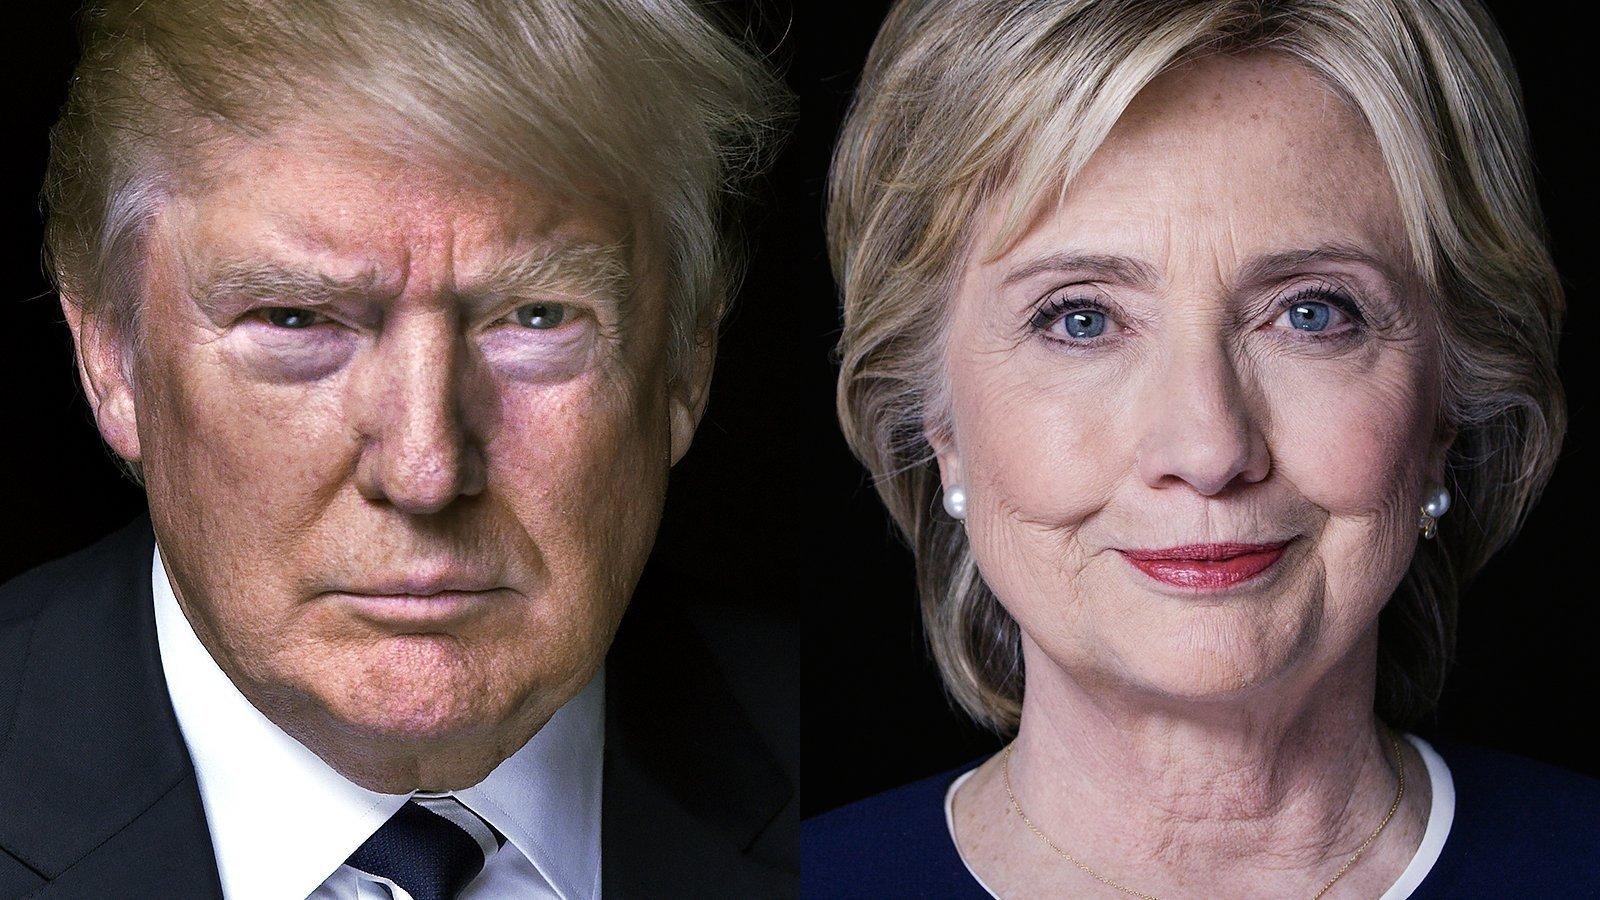 The First Presidential Debate Is Just a Week Away